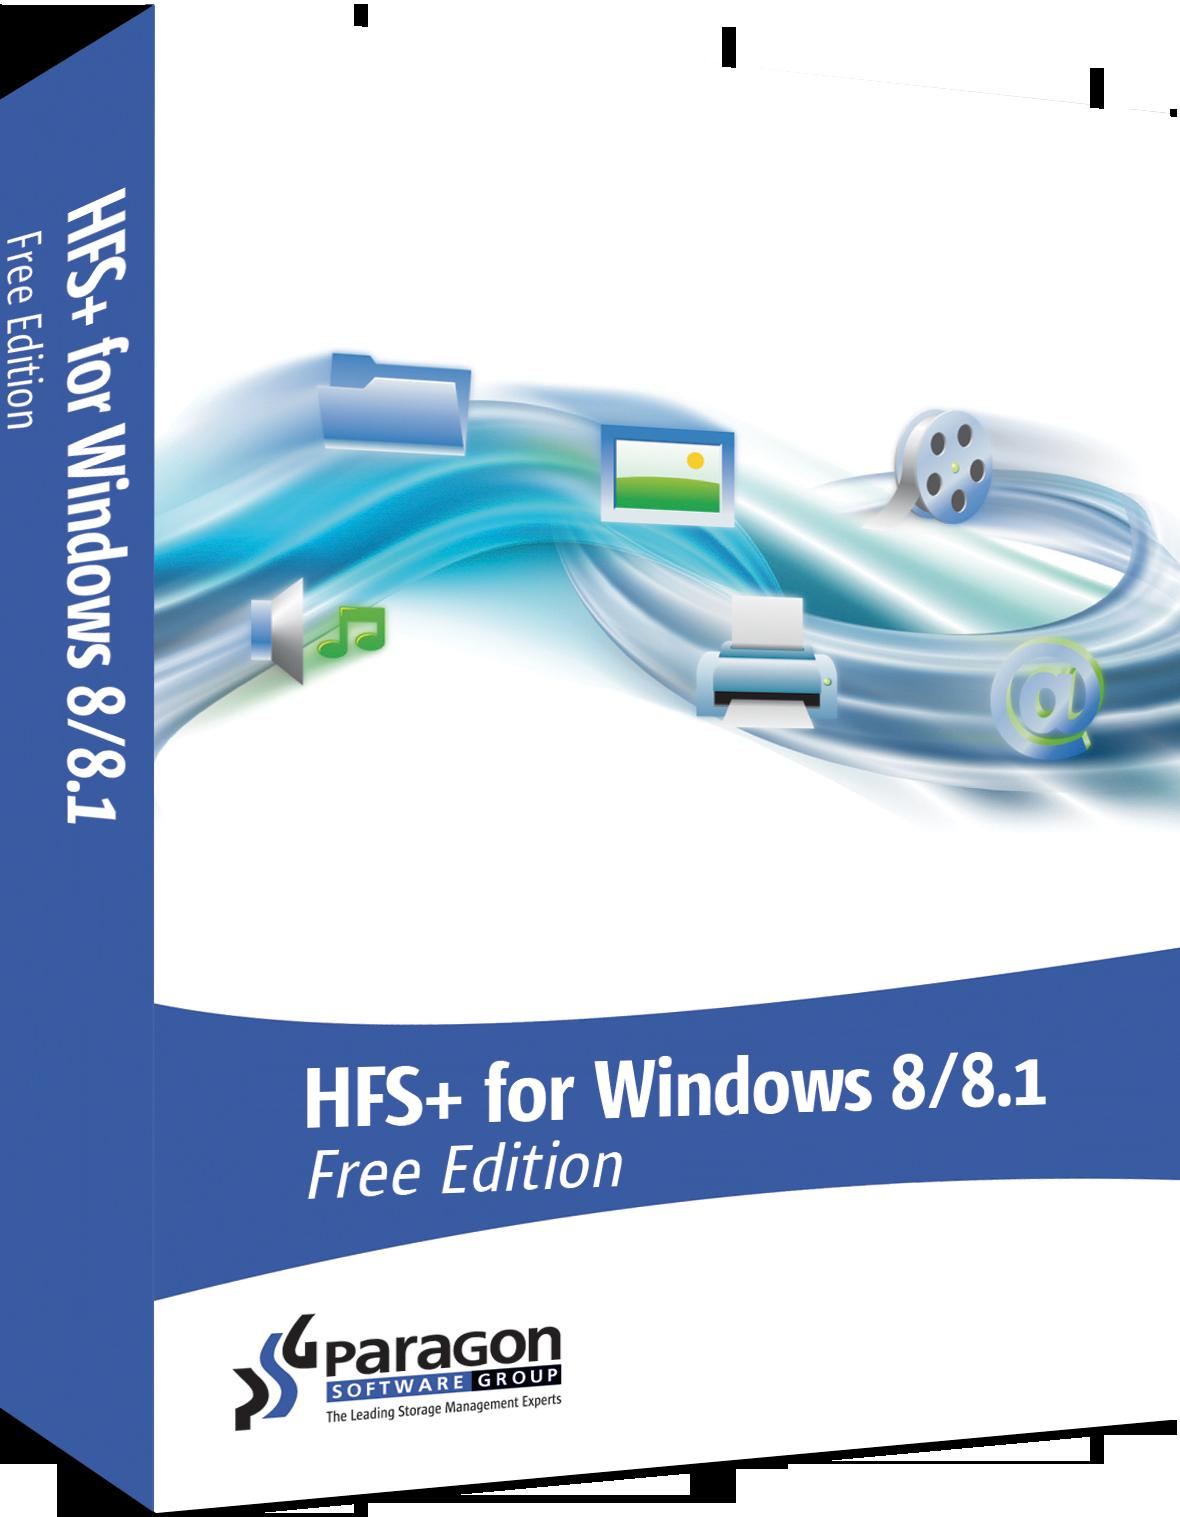 paragon hfs+ free windows xp